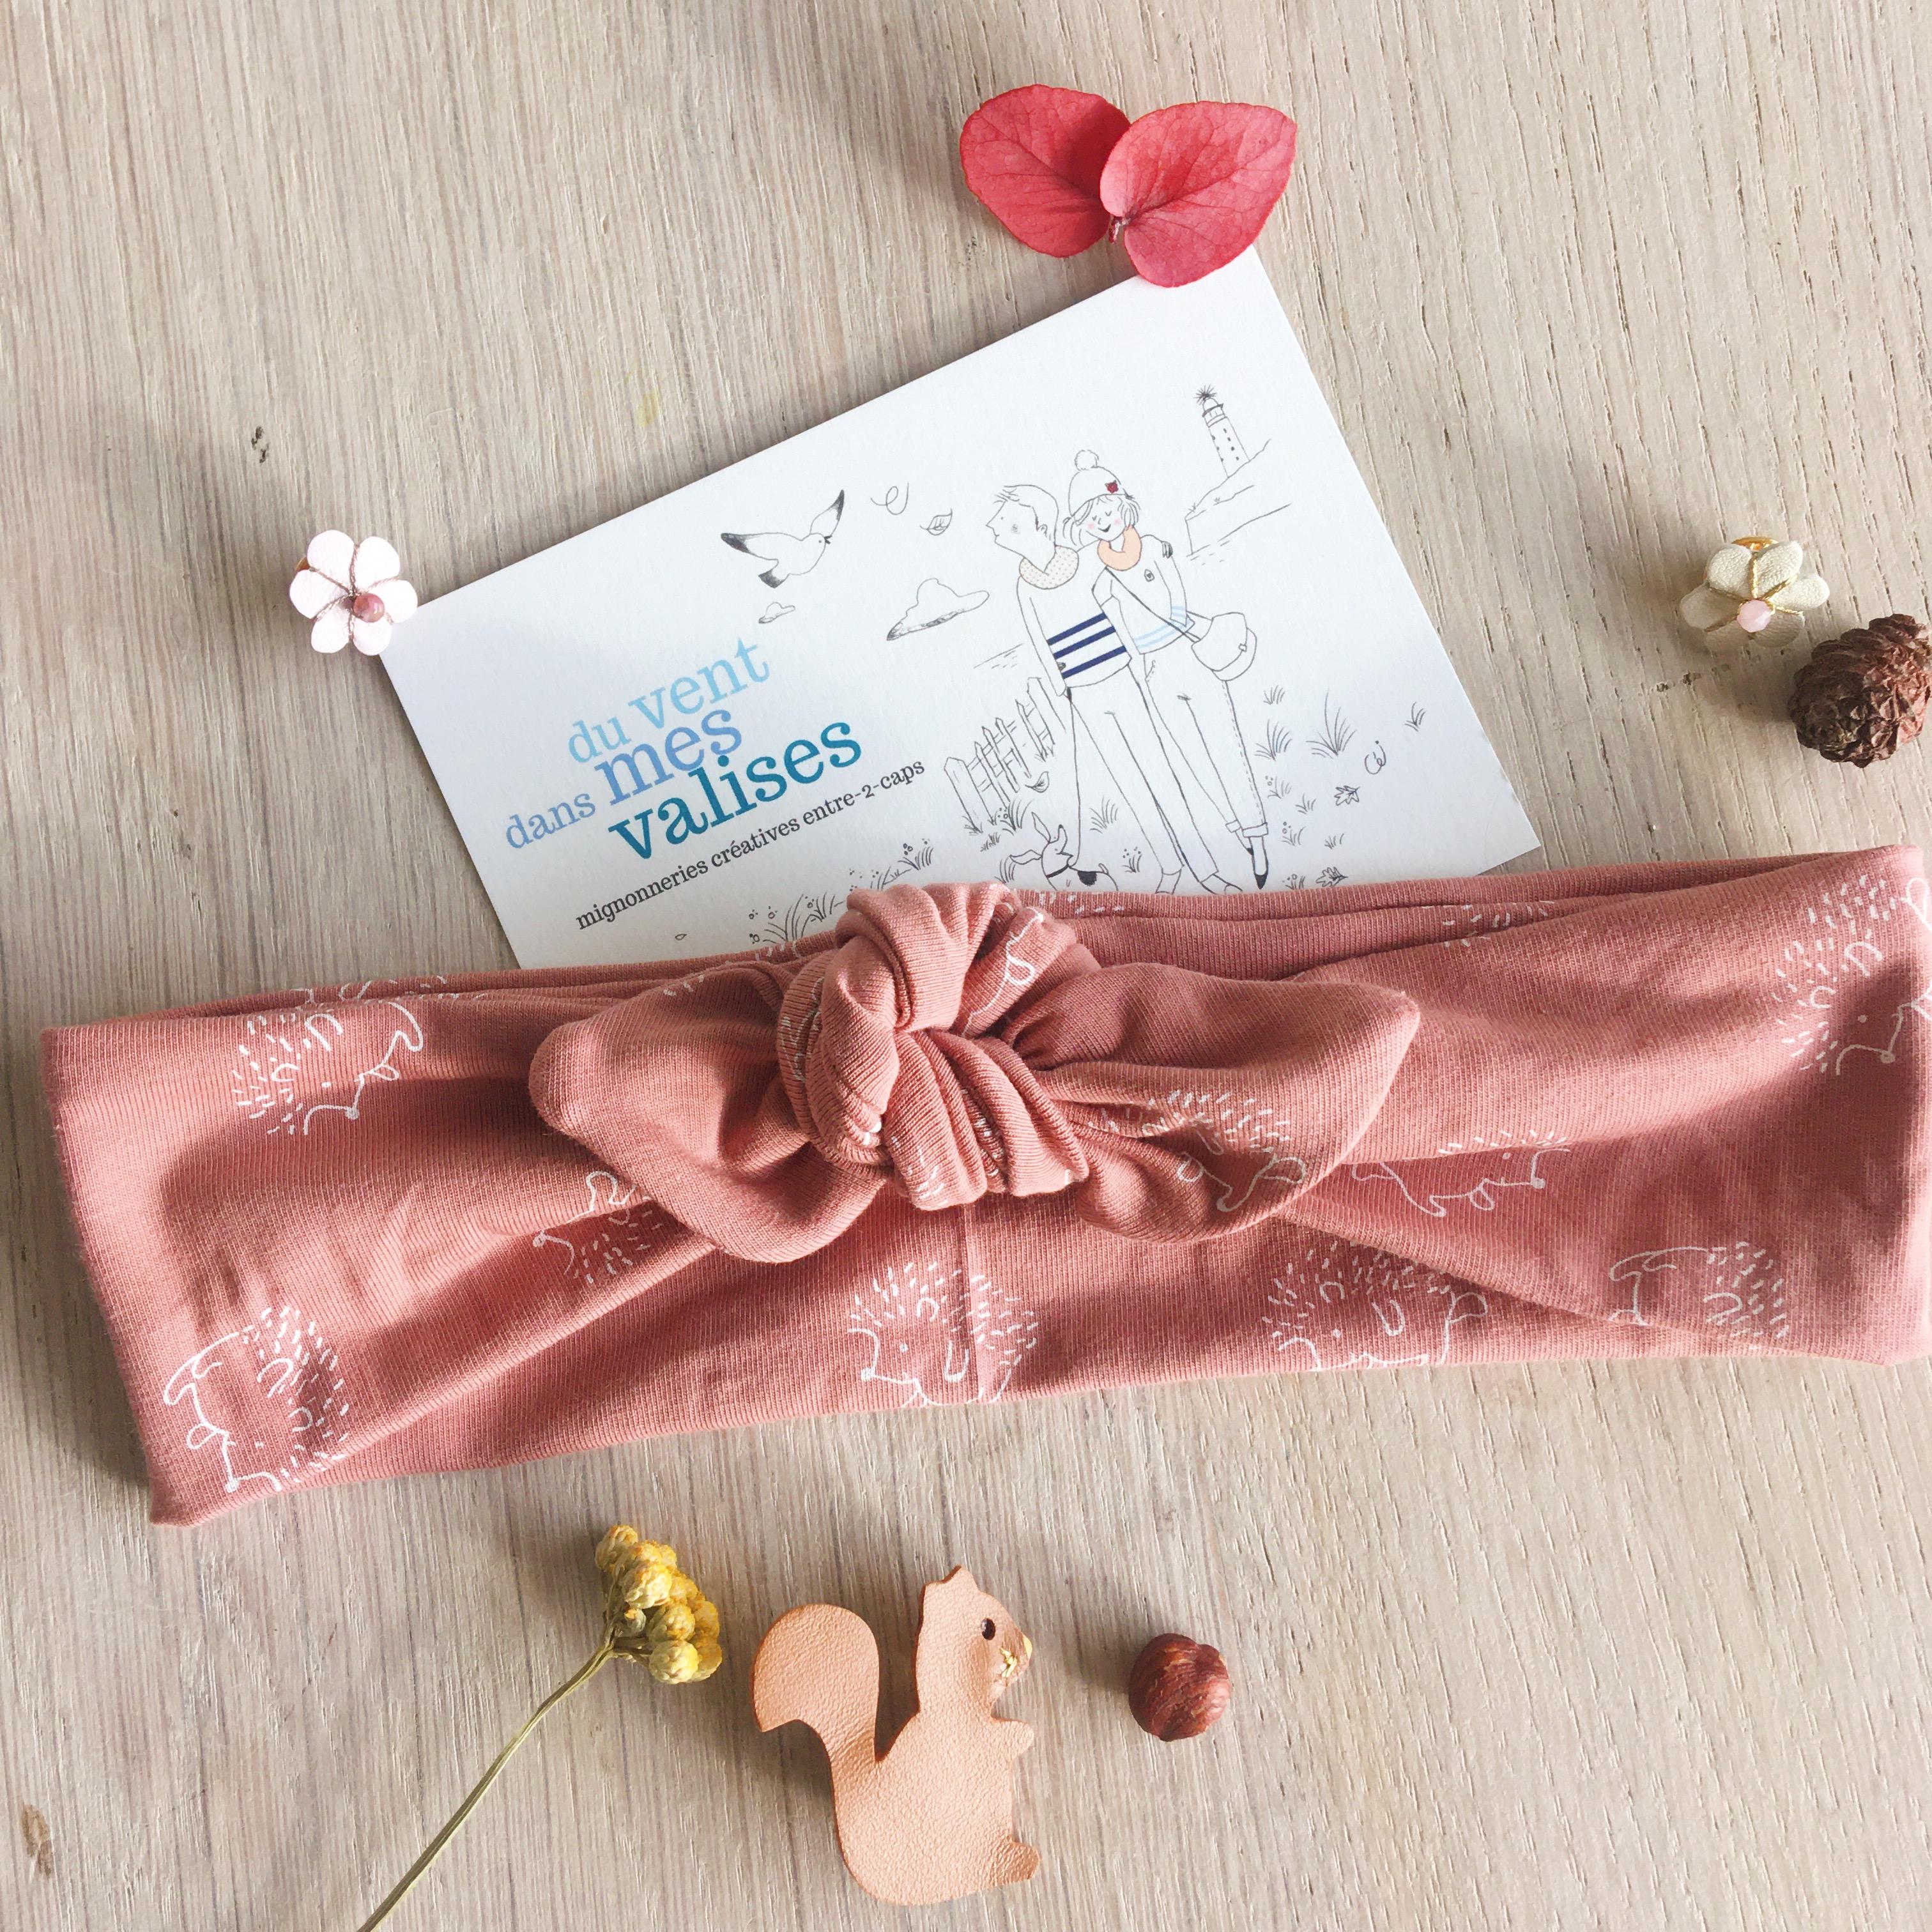 bandeau femme fille extensible réglable en coton doux fabrication artisanale française motif hérisson mignon vieux rose - du vent dans mes valises